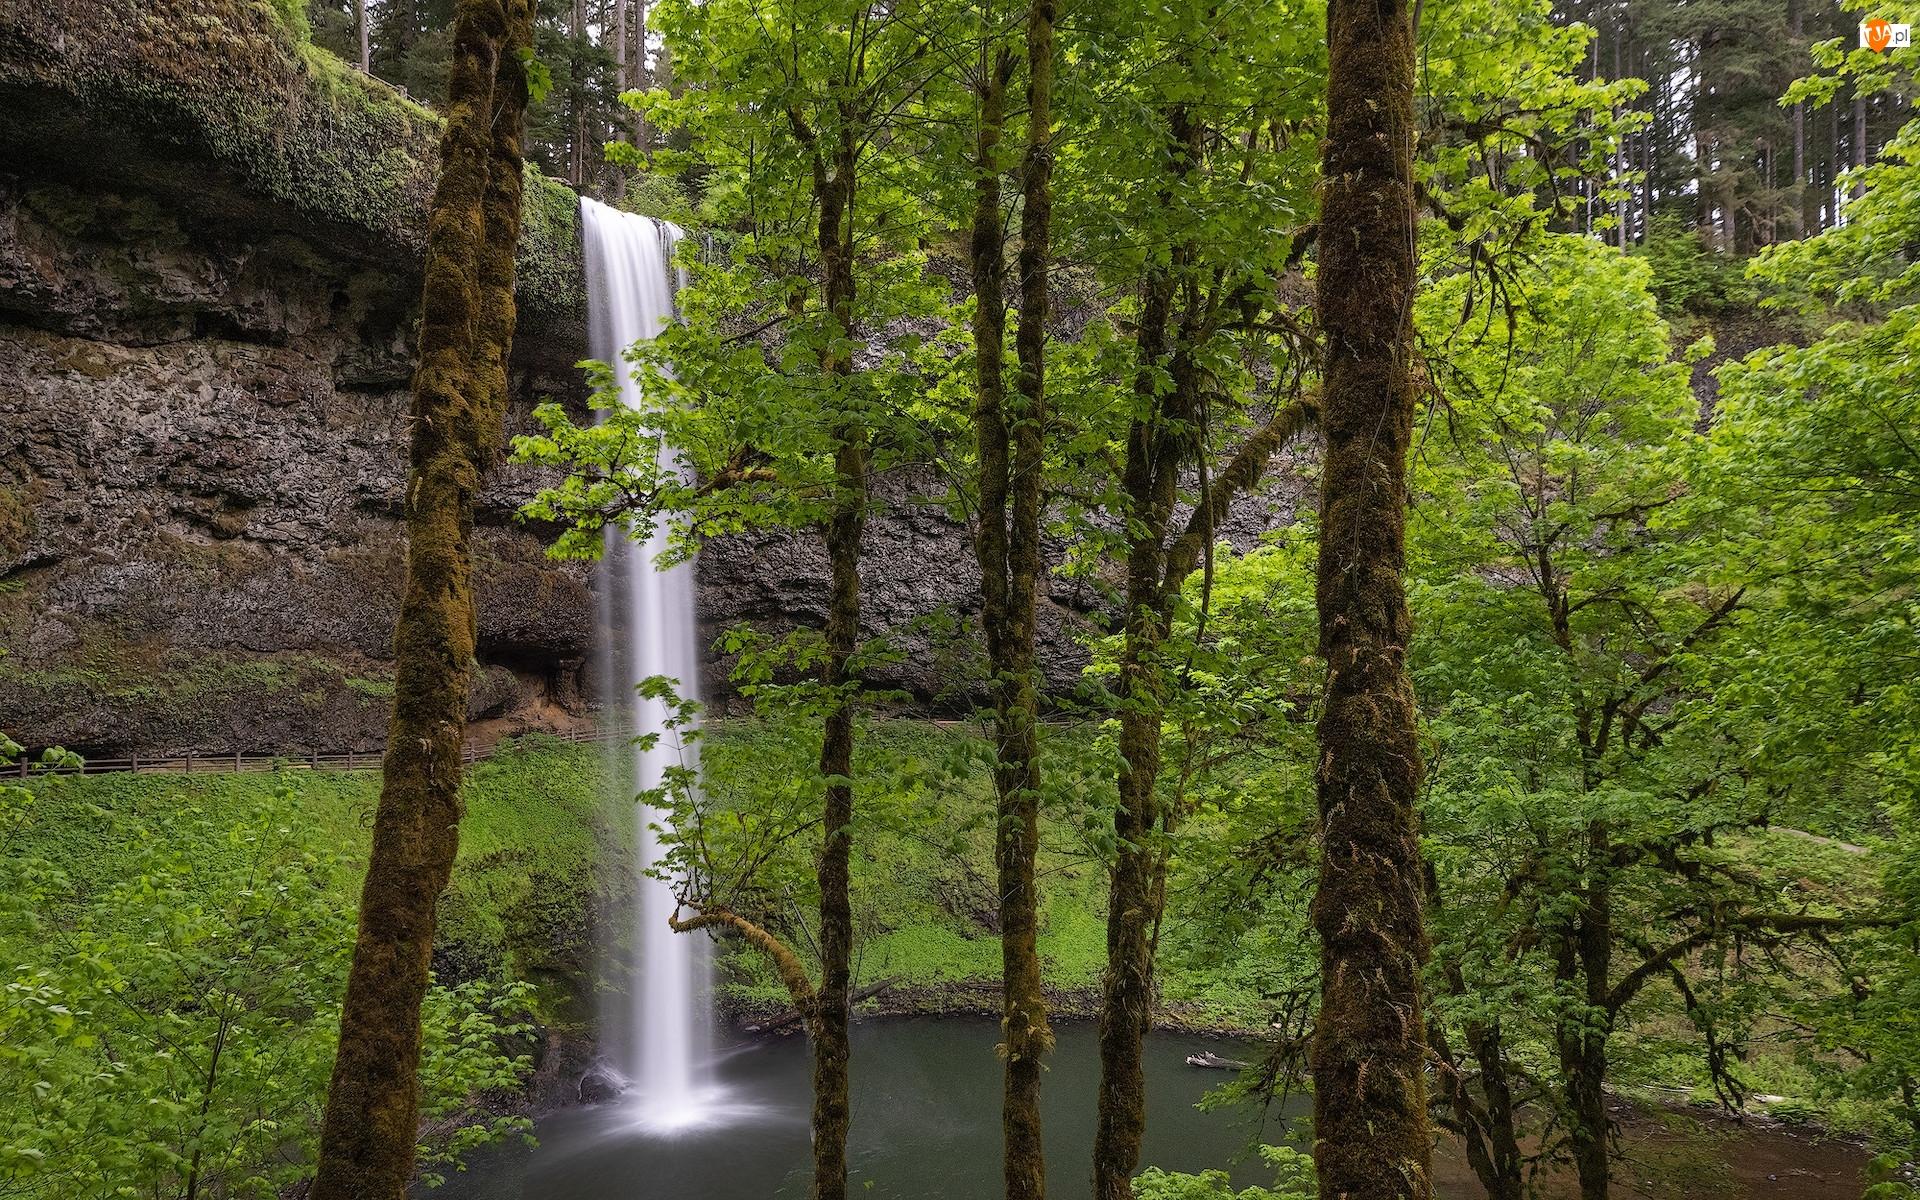 Oregon, Park stanowy, Drzewa, Stany Zjednoczone, Omszałe, Wodospad South Falls, Silver Falls State Park